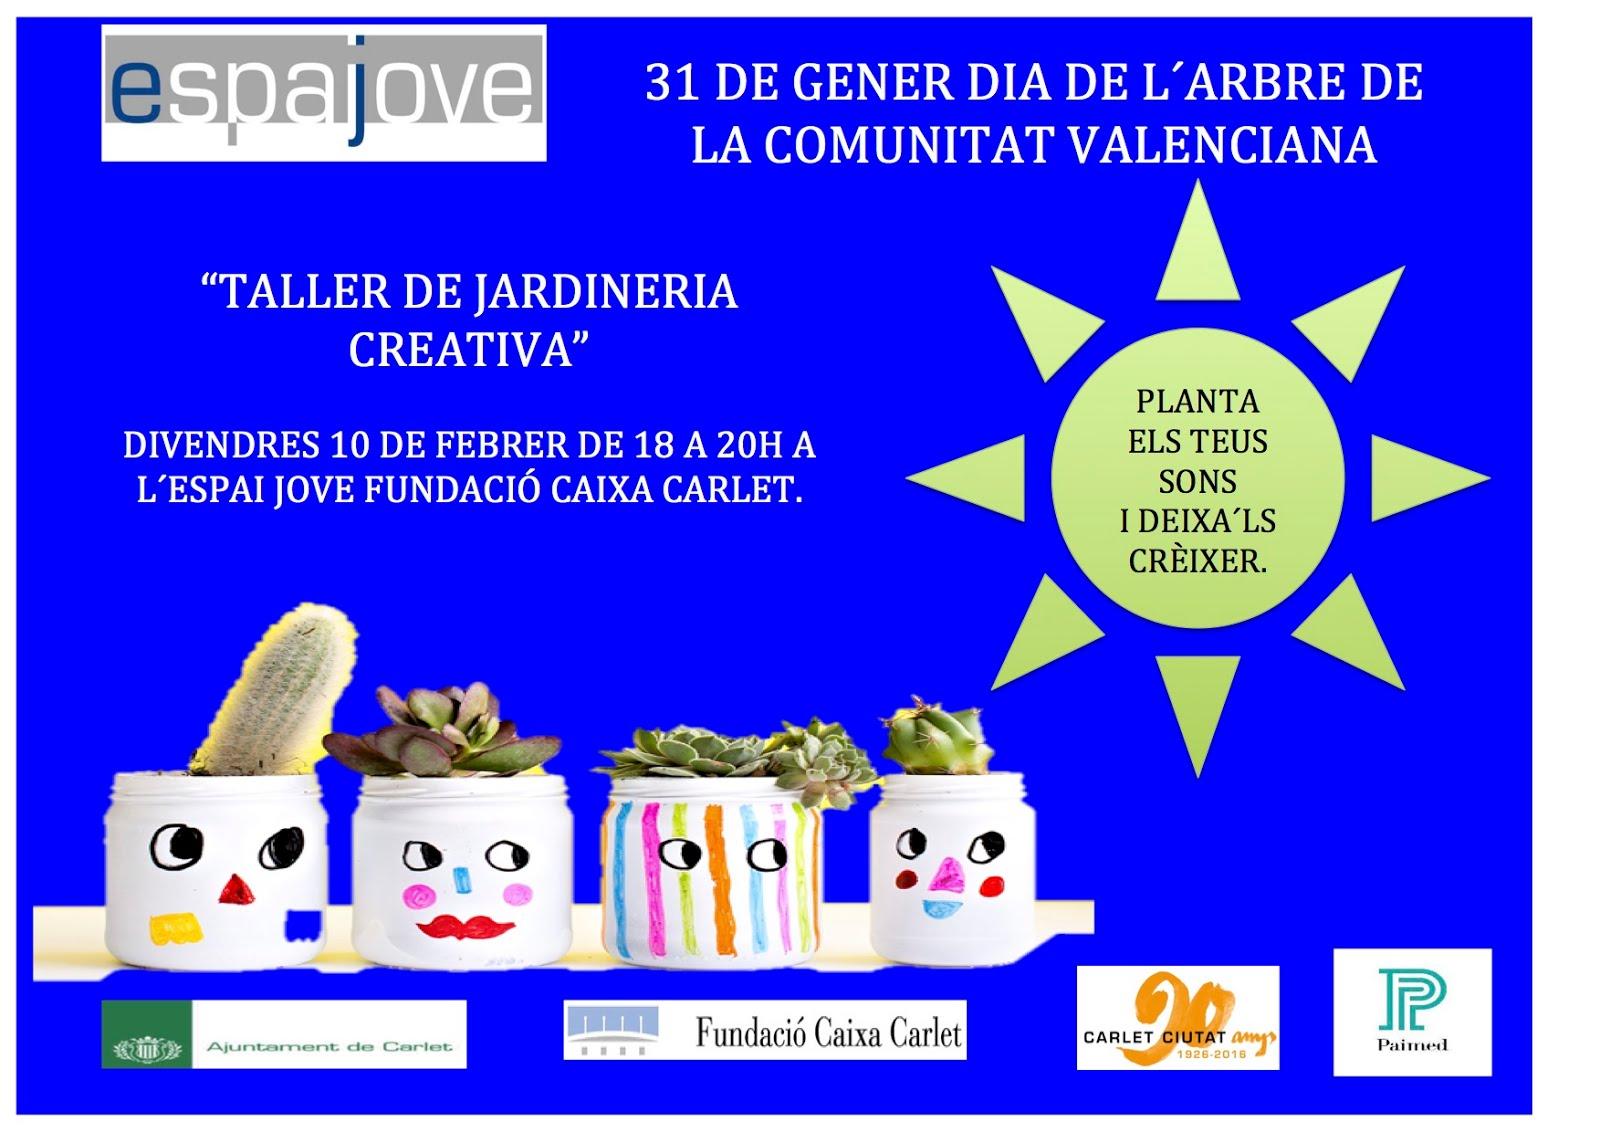 TALLER DE JARDINERIA CREATIVA